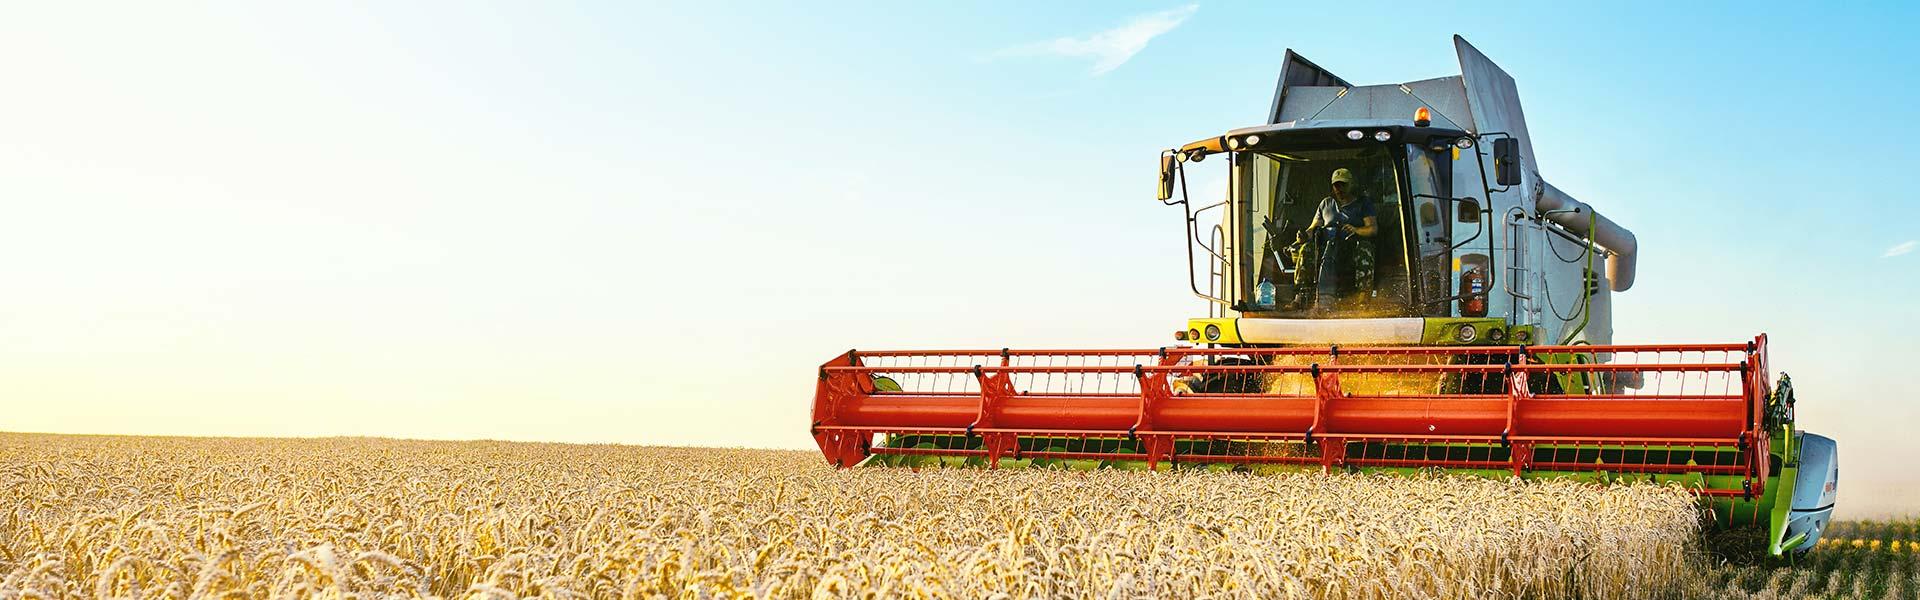 Productor global de agroquímicos.